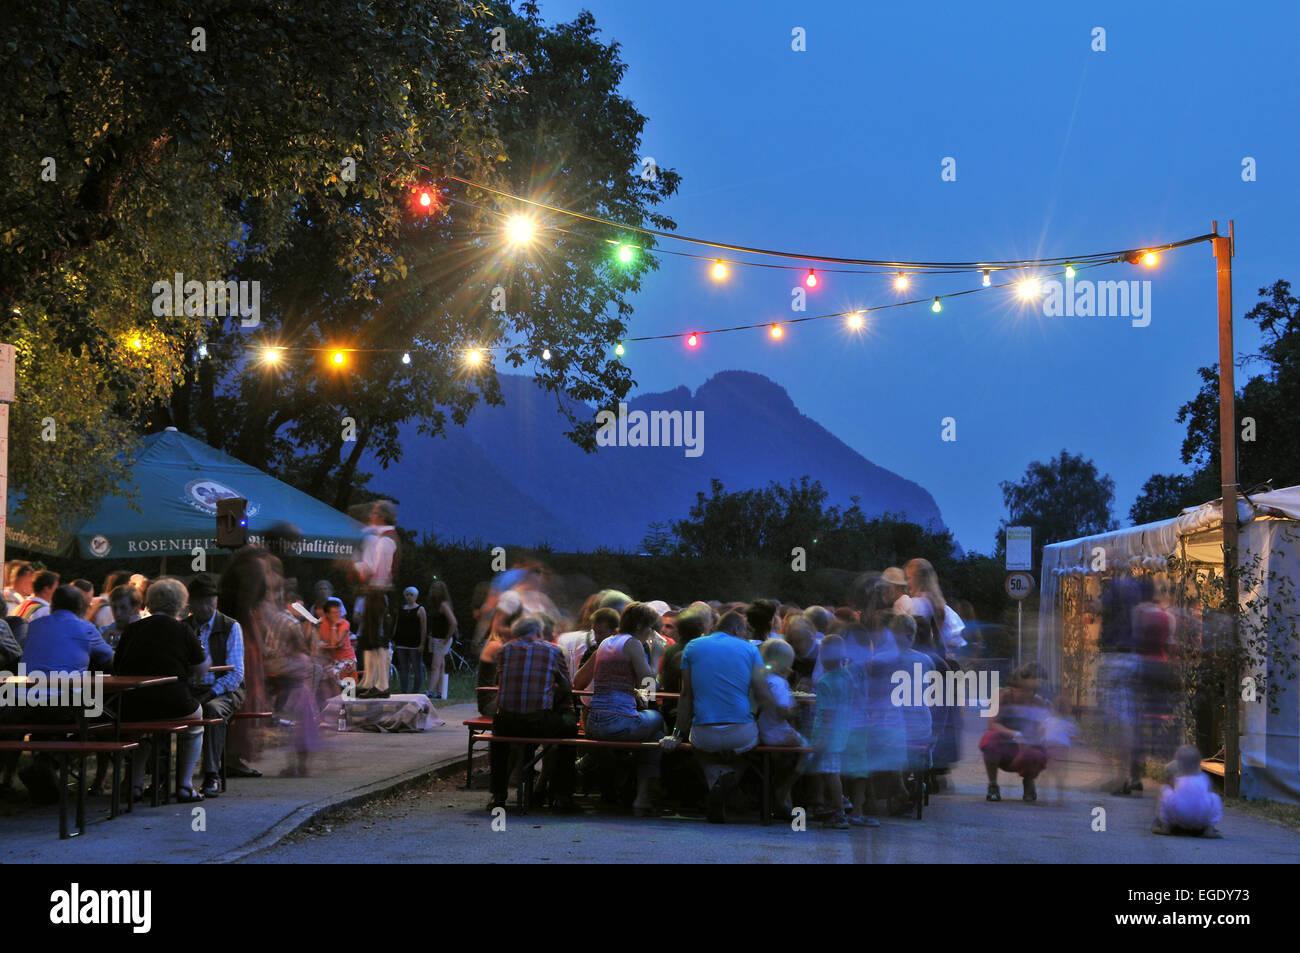 Fiesta en una aldea a lo largo del valle del Inn, Baviera, Alemania, Europa Imagen De Stock